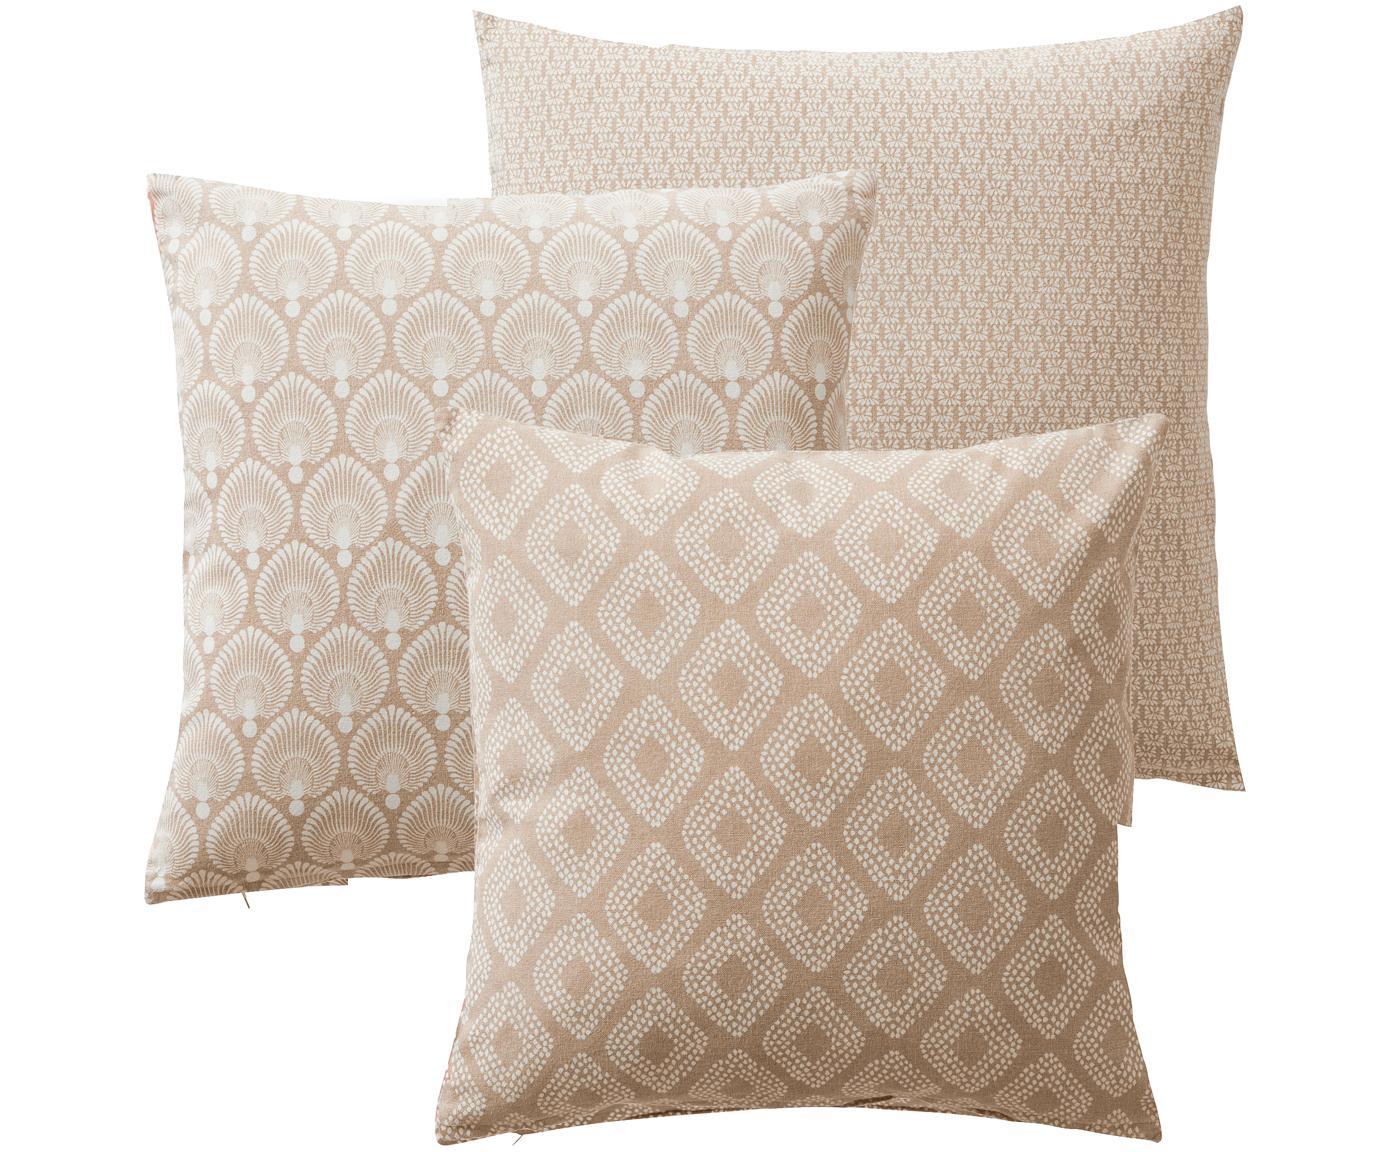 Gemustertes Kissenhüllen 3er Set Cousin in Beige, 100% Baumwolle, Beige, Weiß, 45 x 45 cm